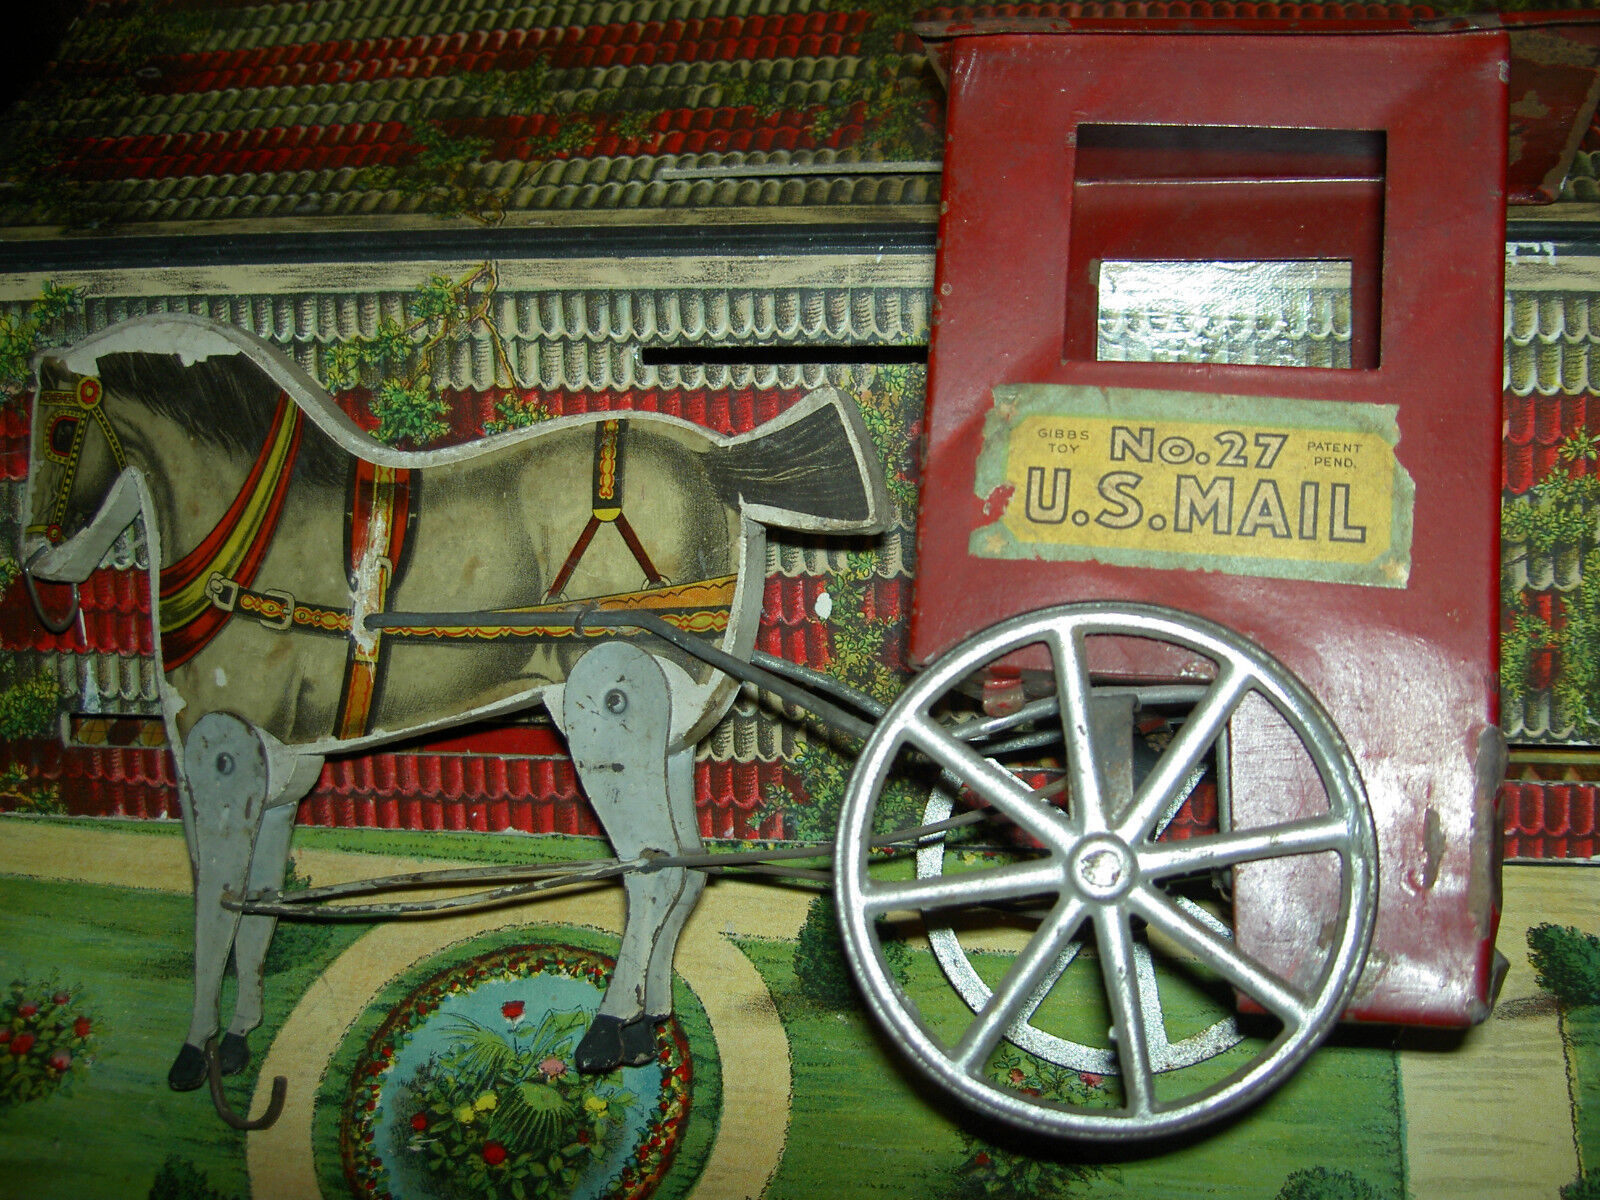 Gibbs, antigüedades de madera, metal, número 27 American postal Equipment Equipment Equipment and Cocheruaje c1900 e46